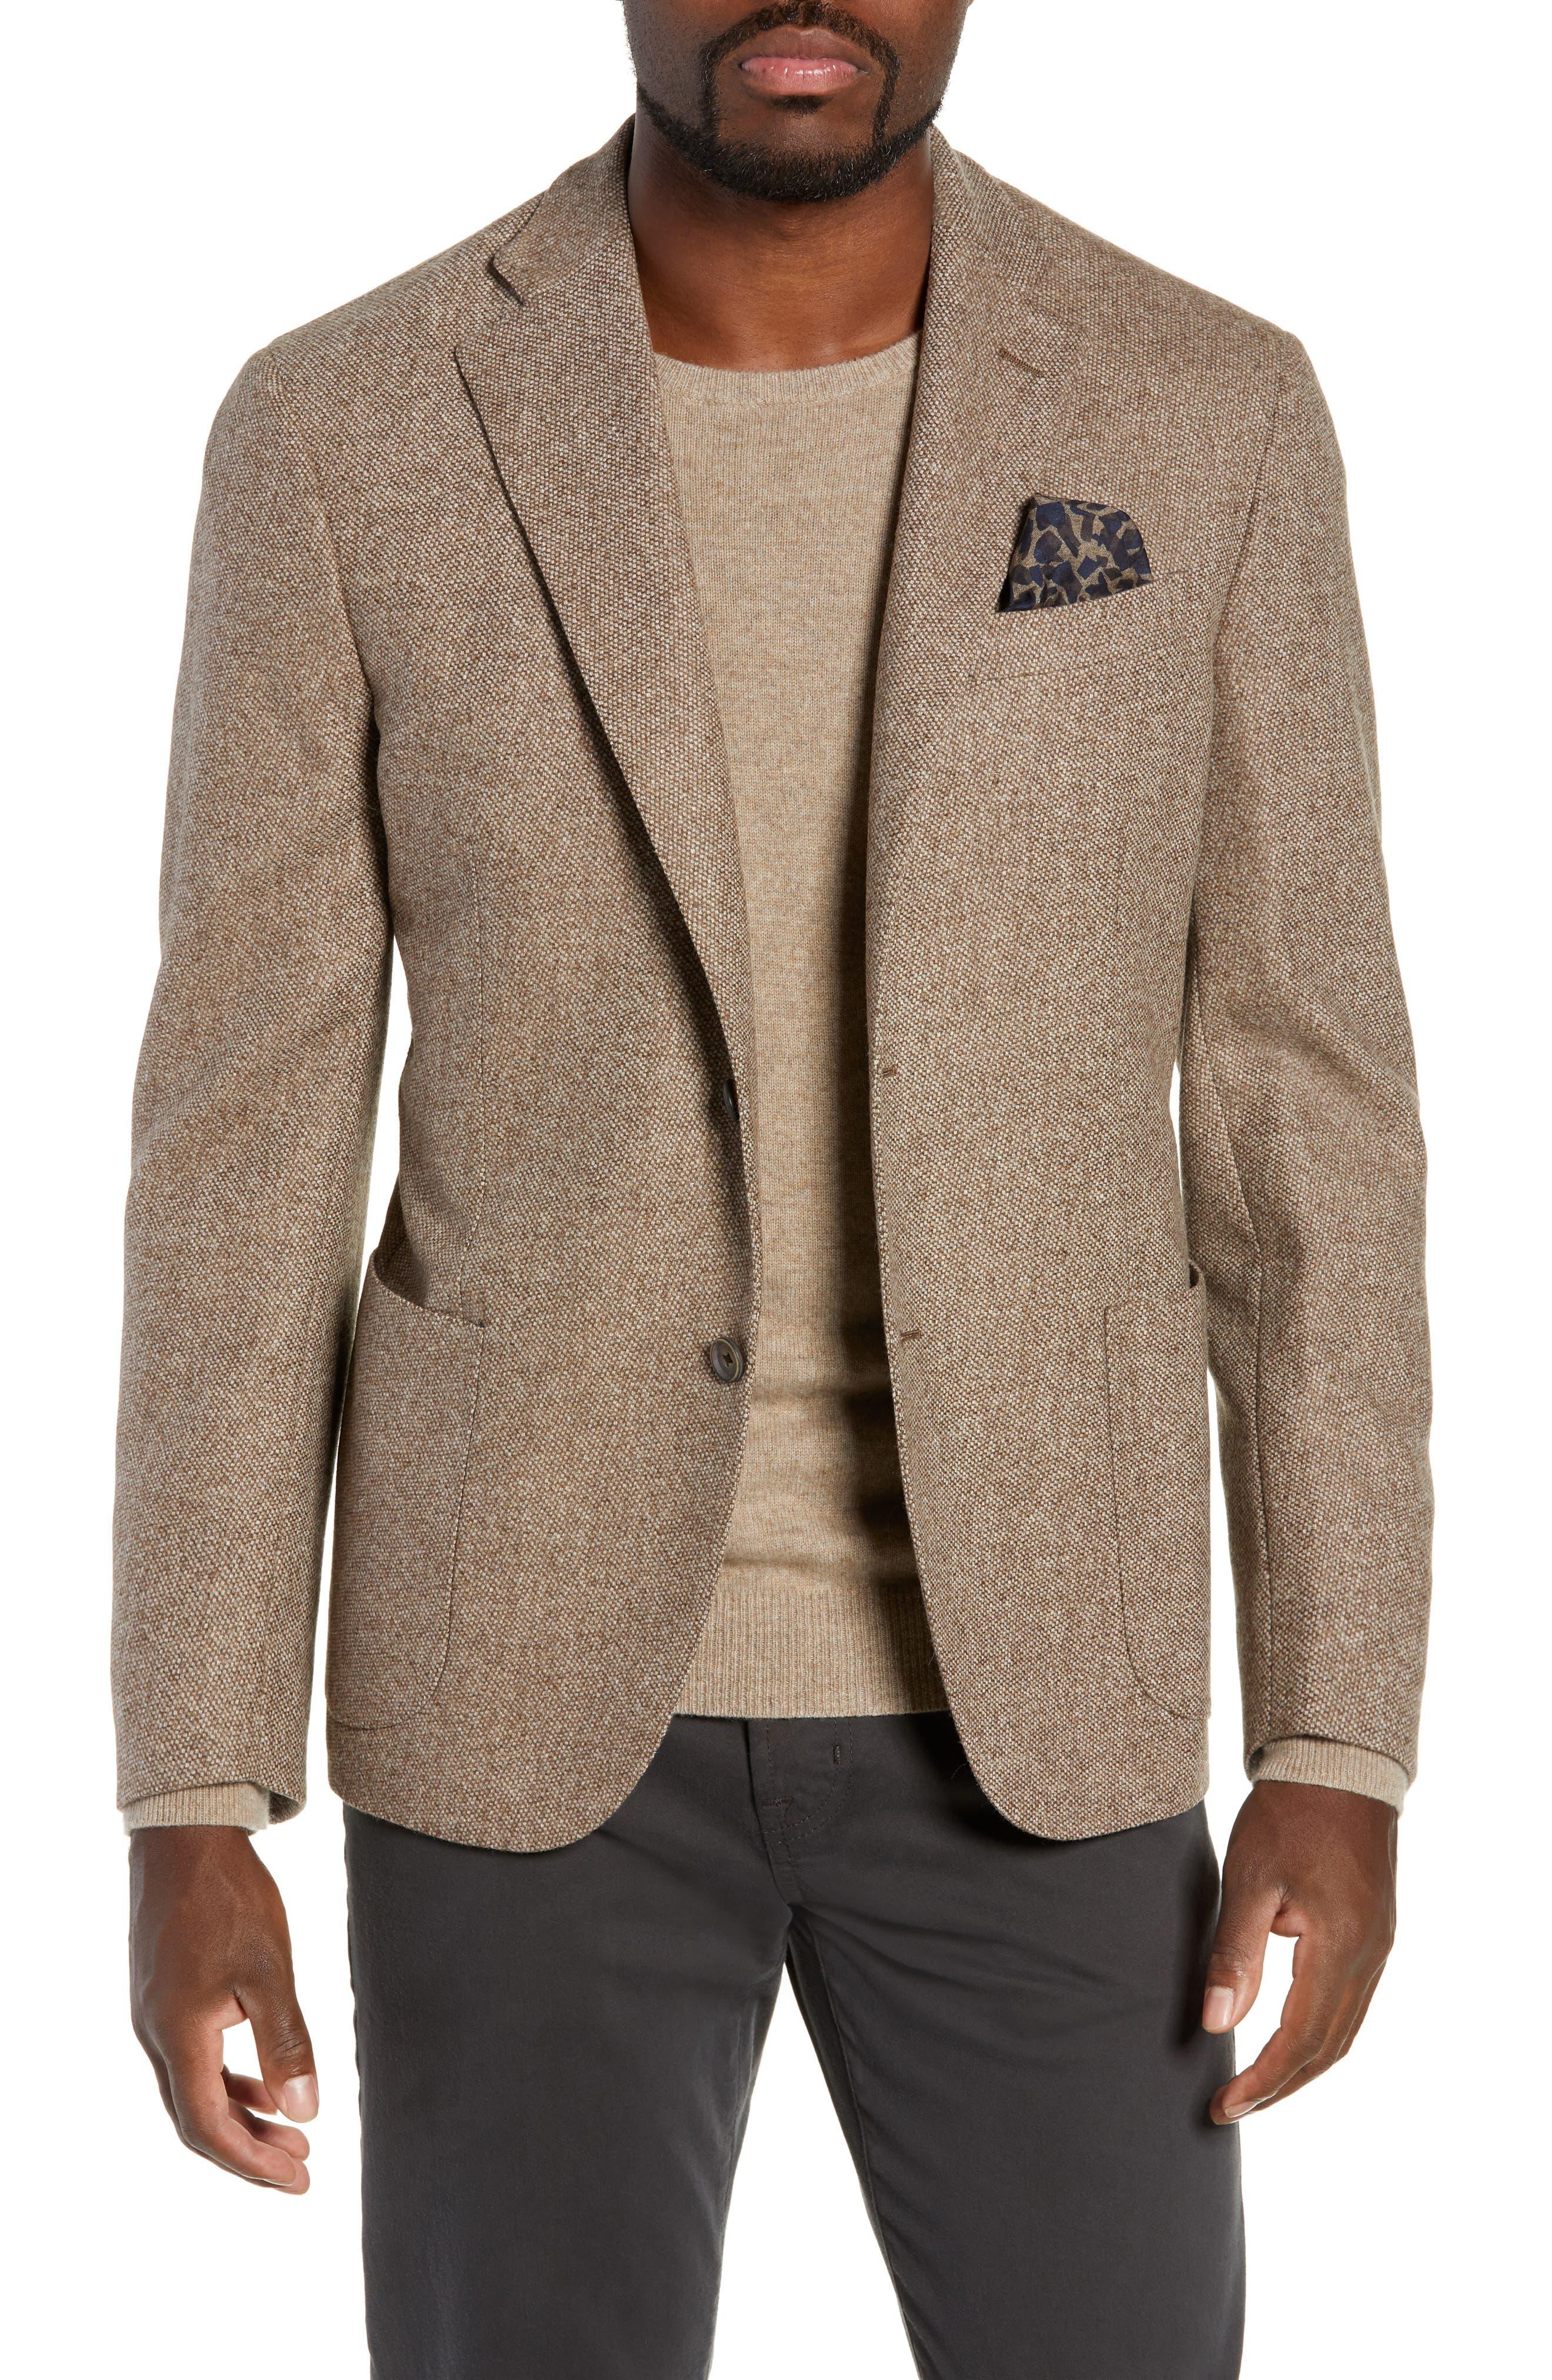 CULTURATA Trim Fit Wool & Cashmere Sport Coat in Beige / Khaki